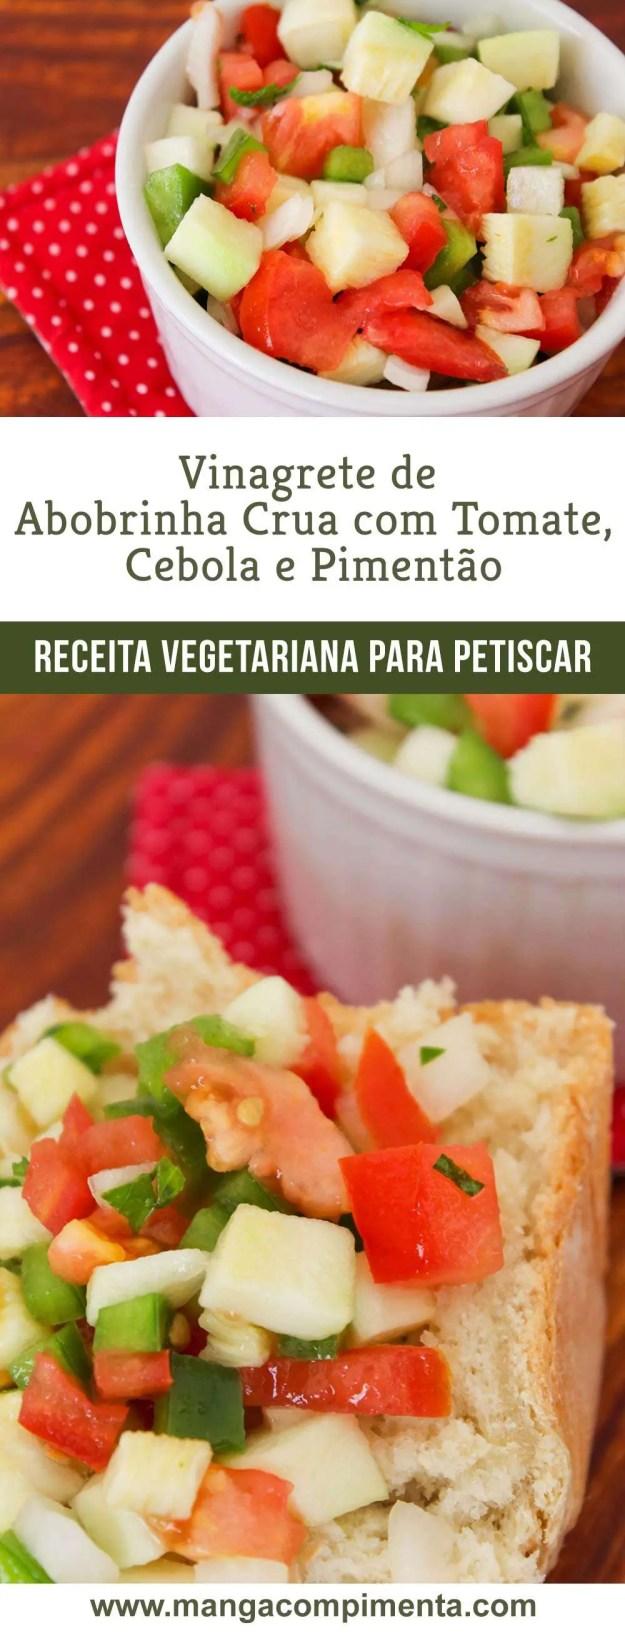 Vinagrete de Abobrinha Crua com Tomate, Cebola e Pimentão   Para lanchar e petiscar!